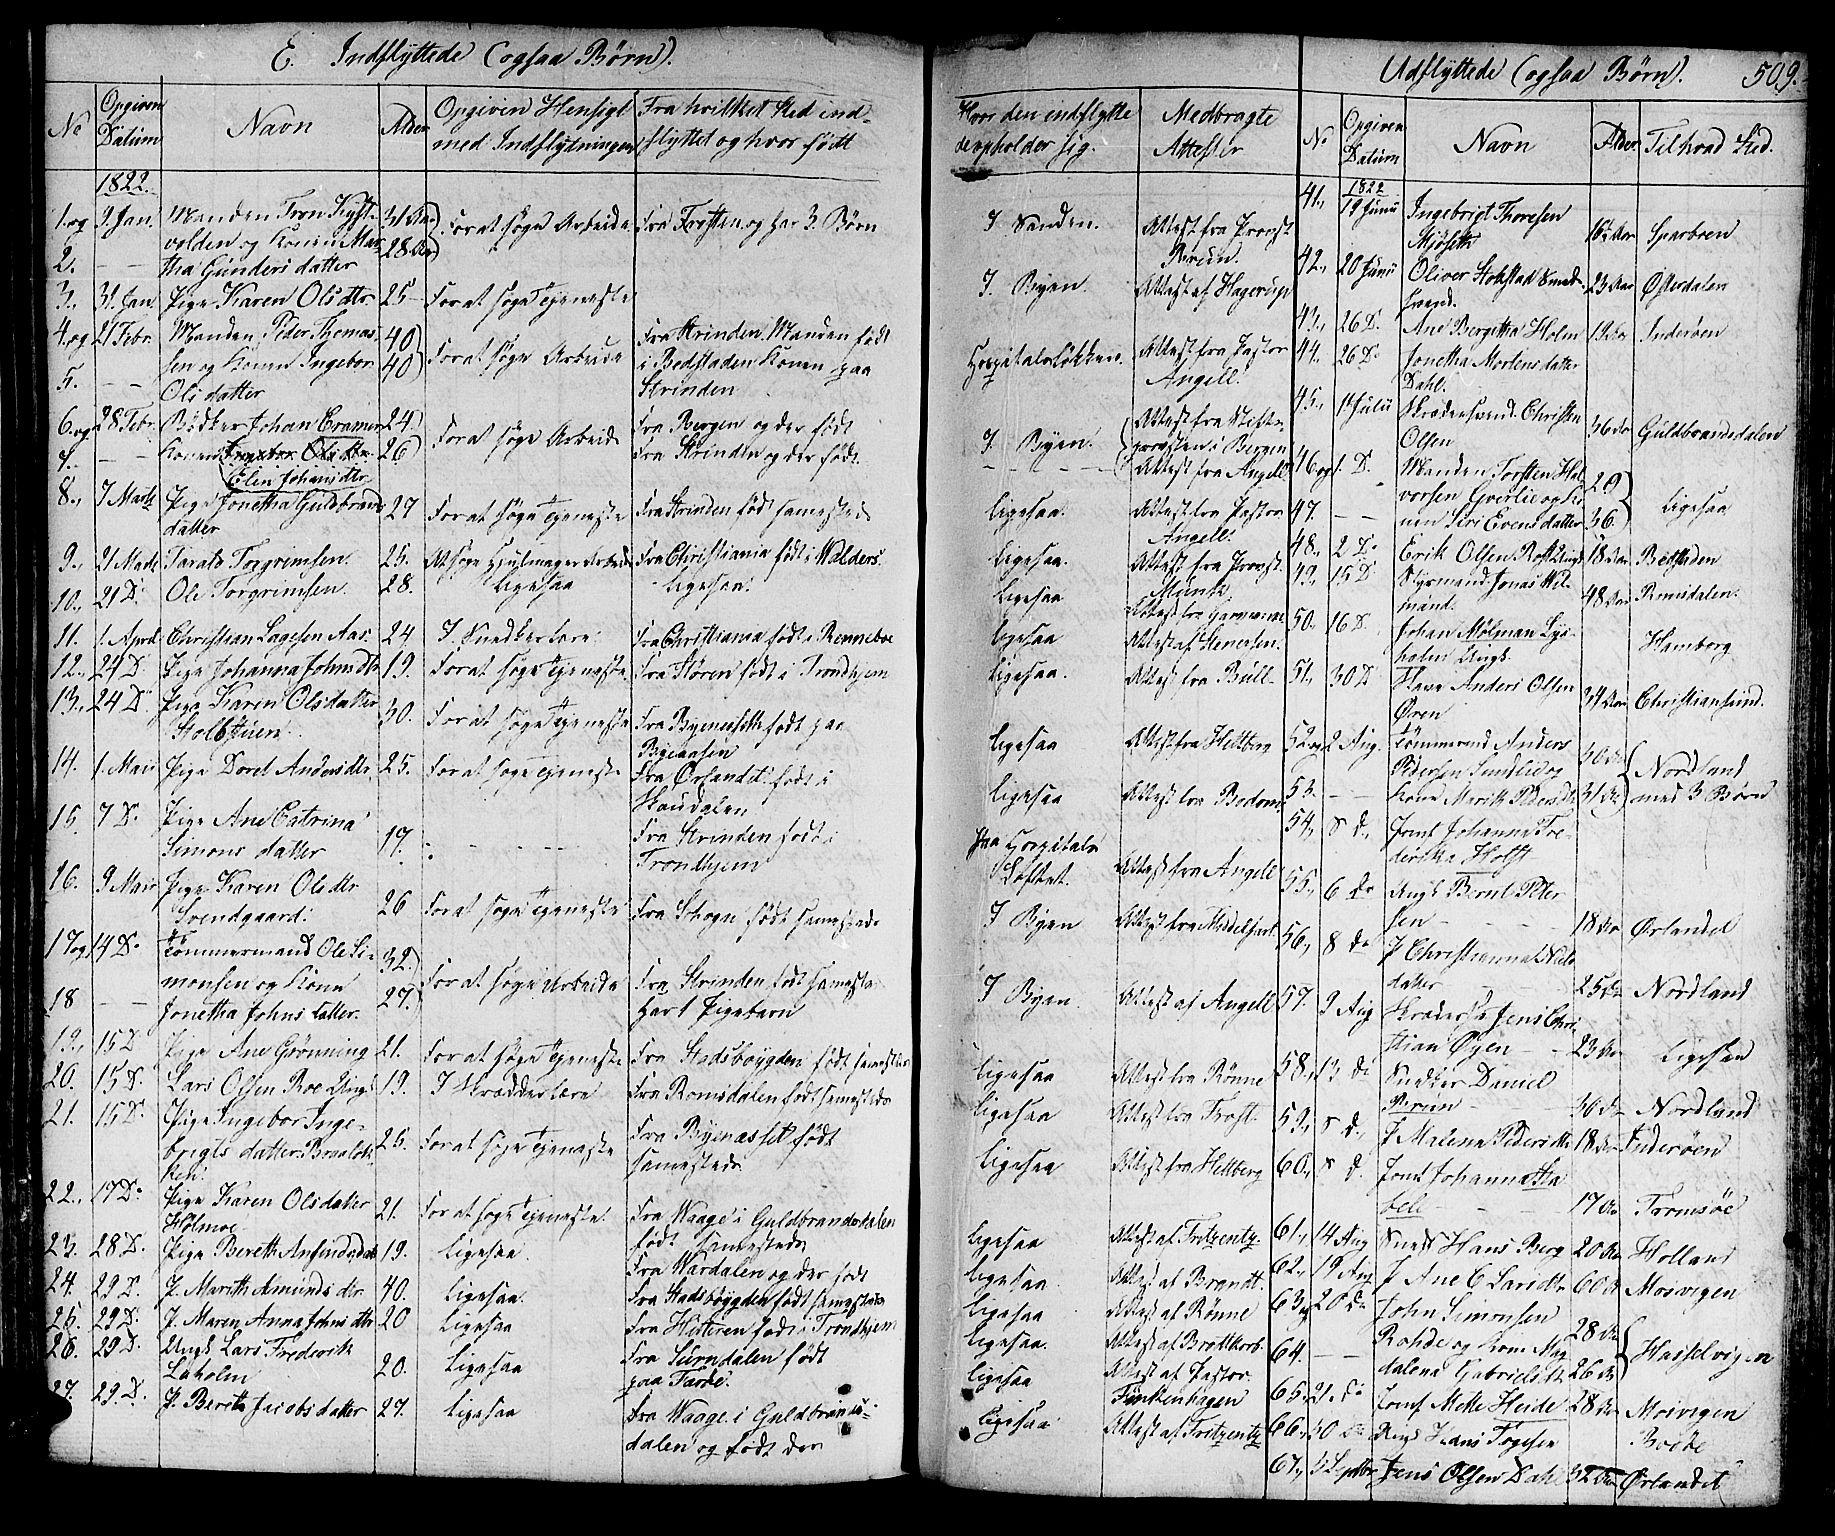 SAT, Ministerialprotokoller, klokkerbøker og fødselsregistre - Sør-Trøndelag, 601/L0045: Ministerialbok nr. 601A13, 1821-1831, s. 509